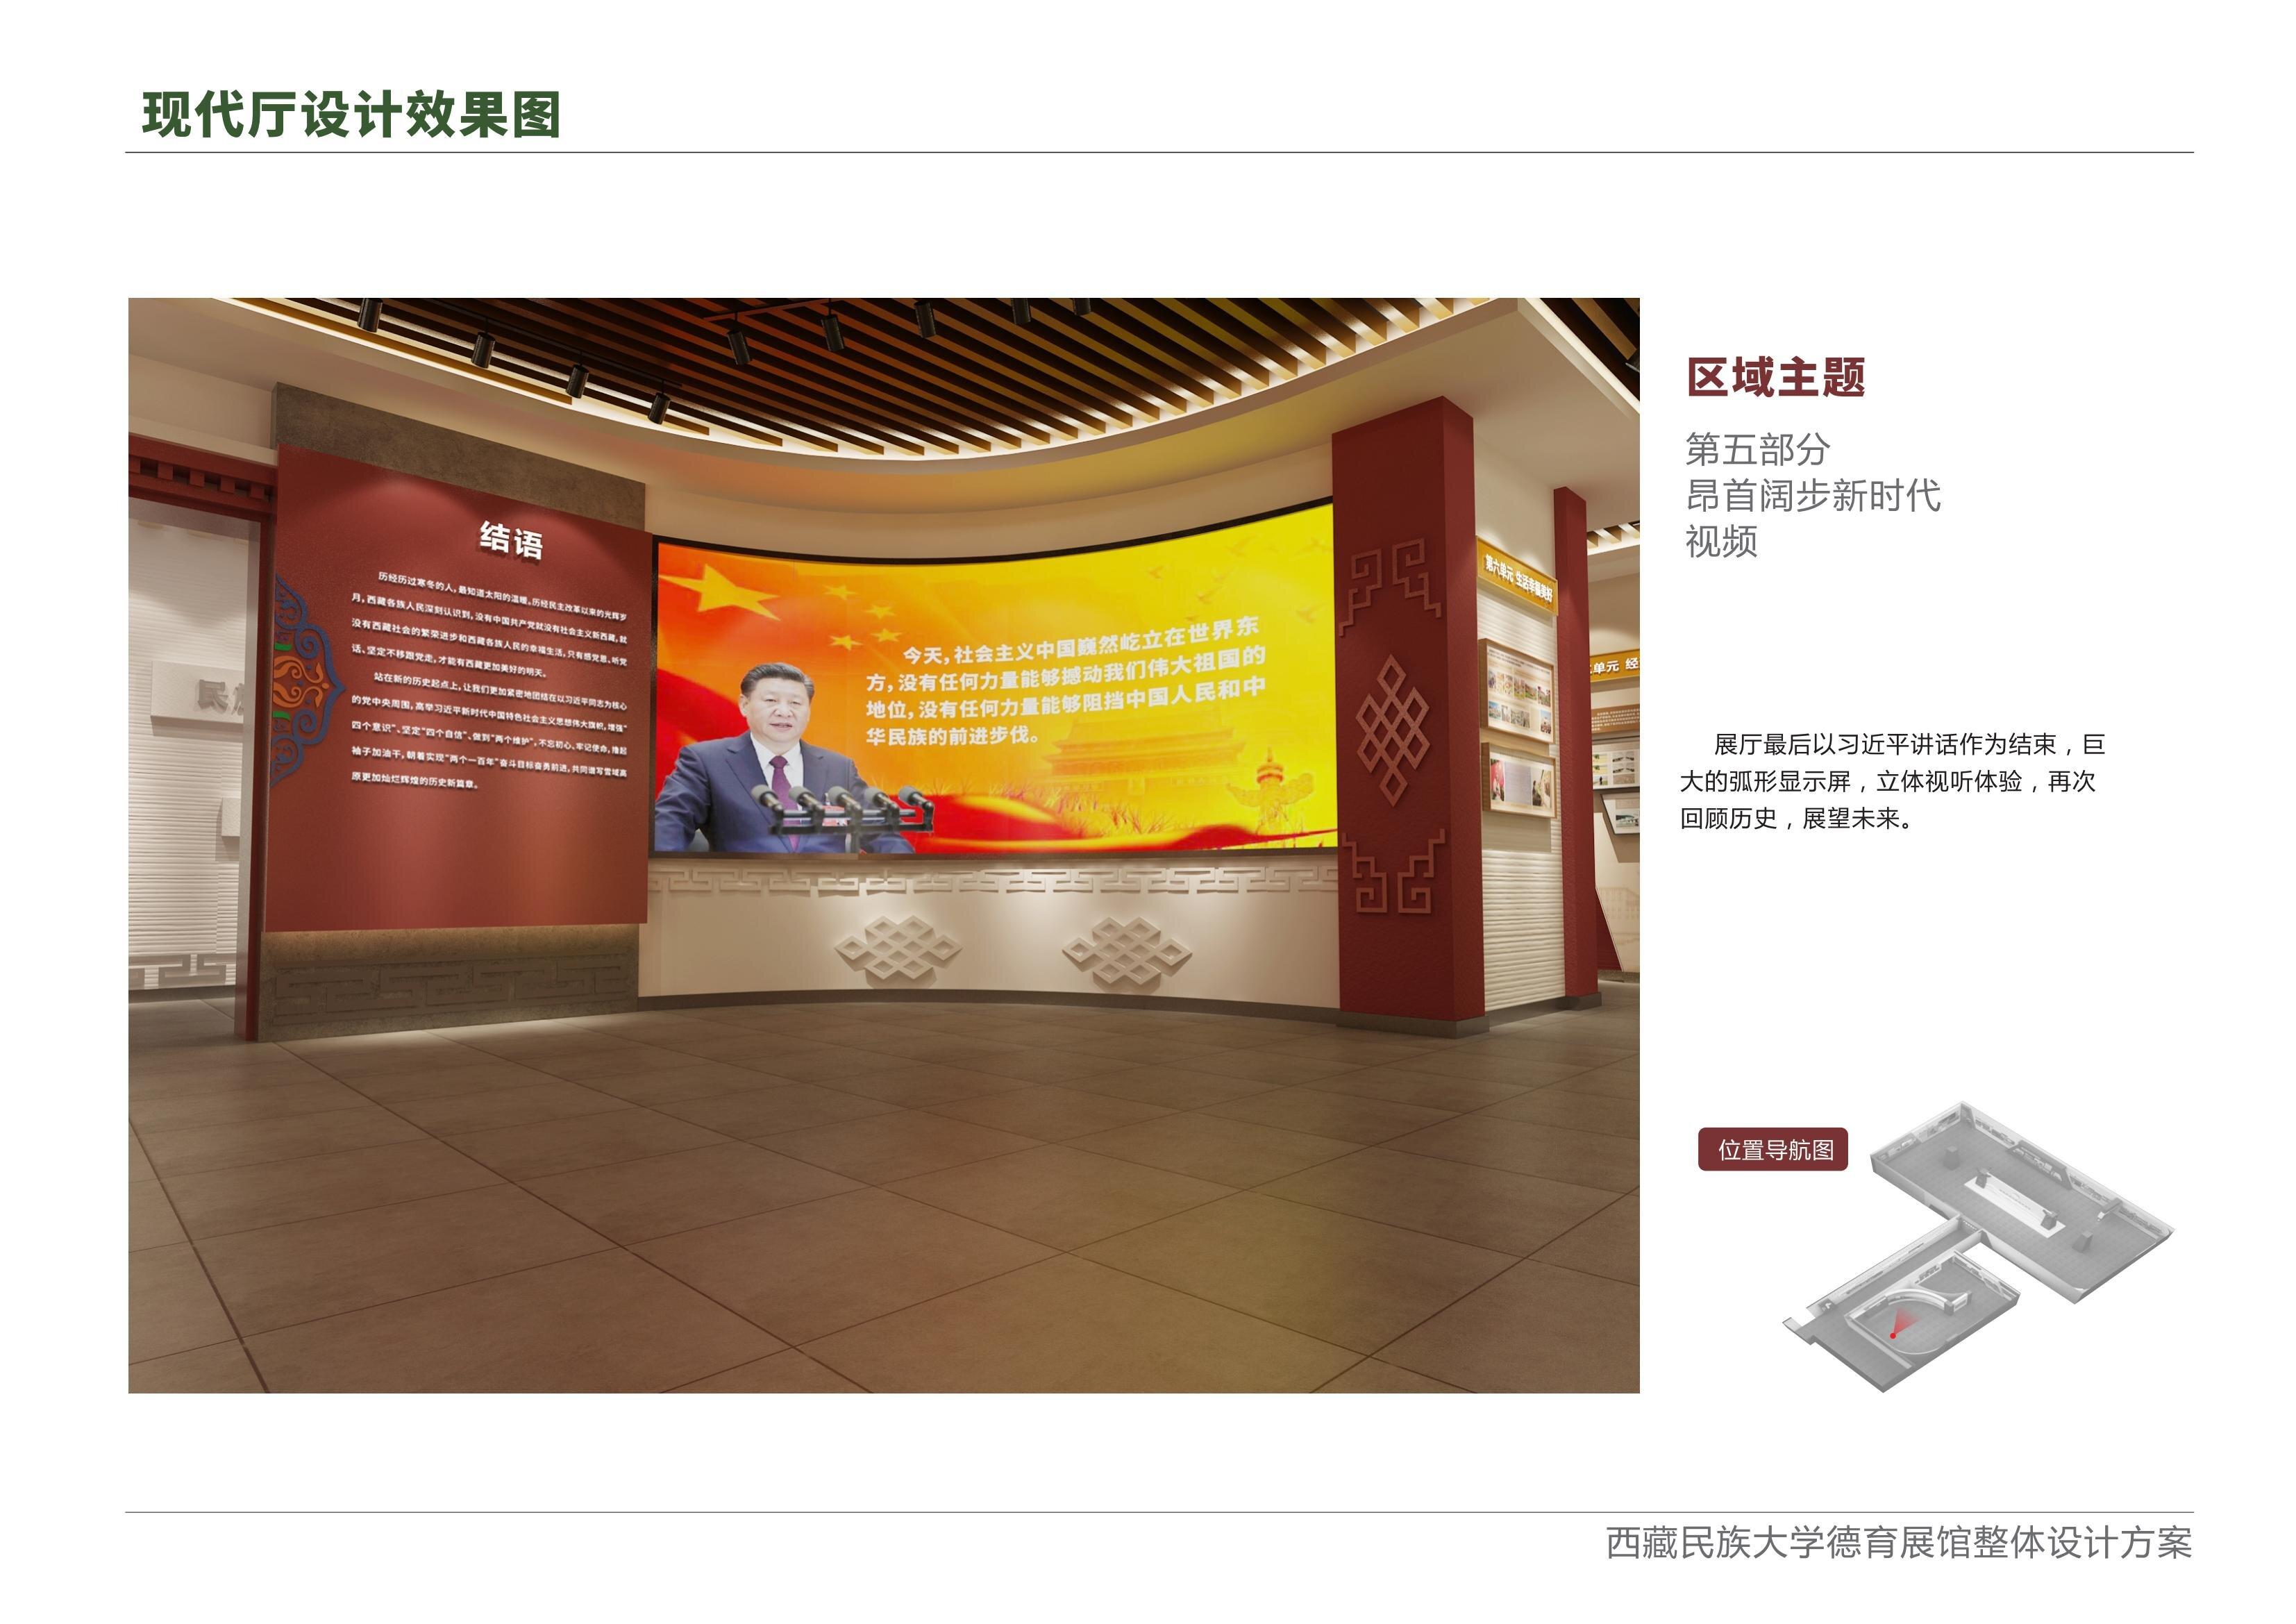 西藏民族大学德育展馆